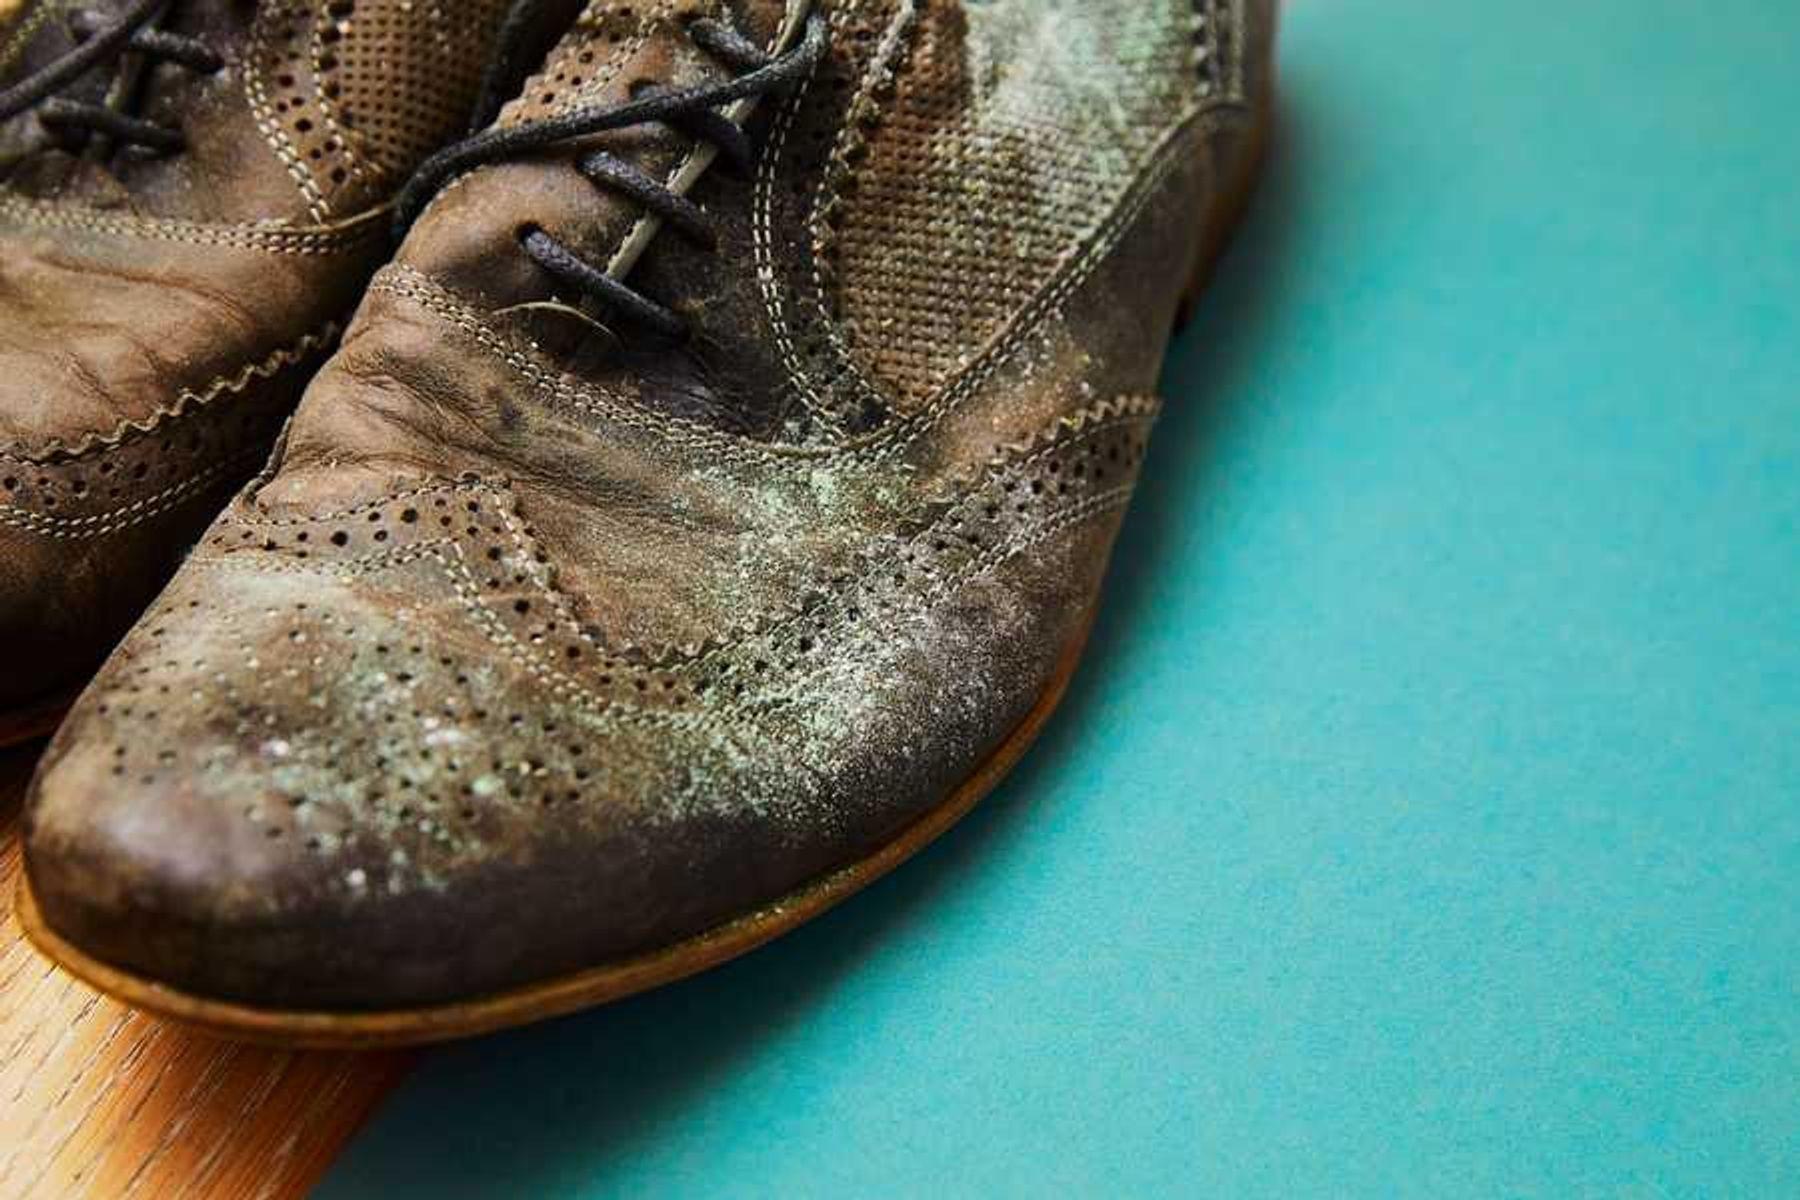 como-limpar-sapato-de-couro-e-evitar-manchas